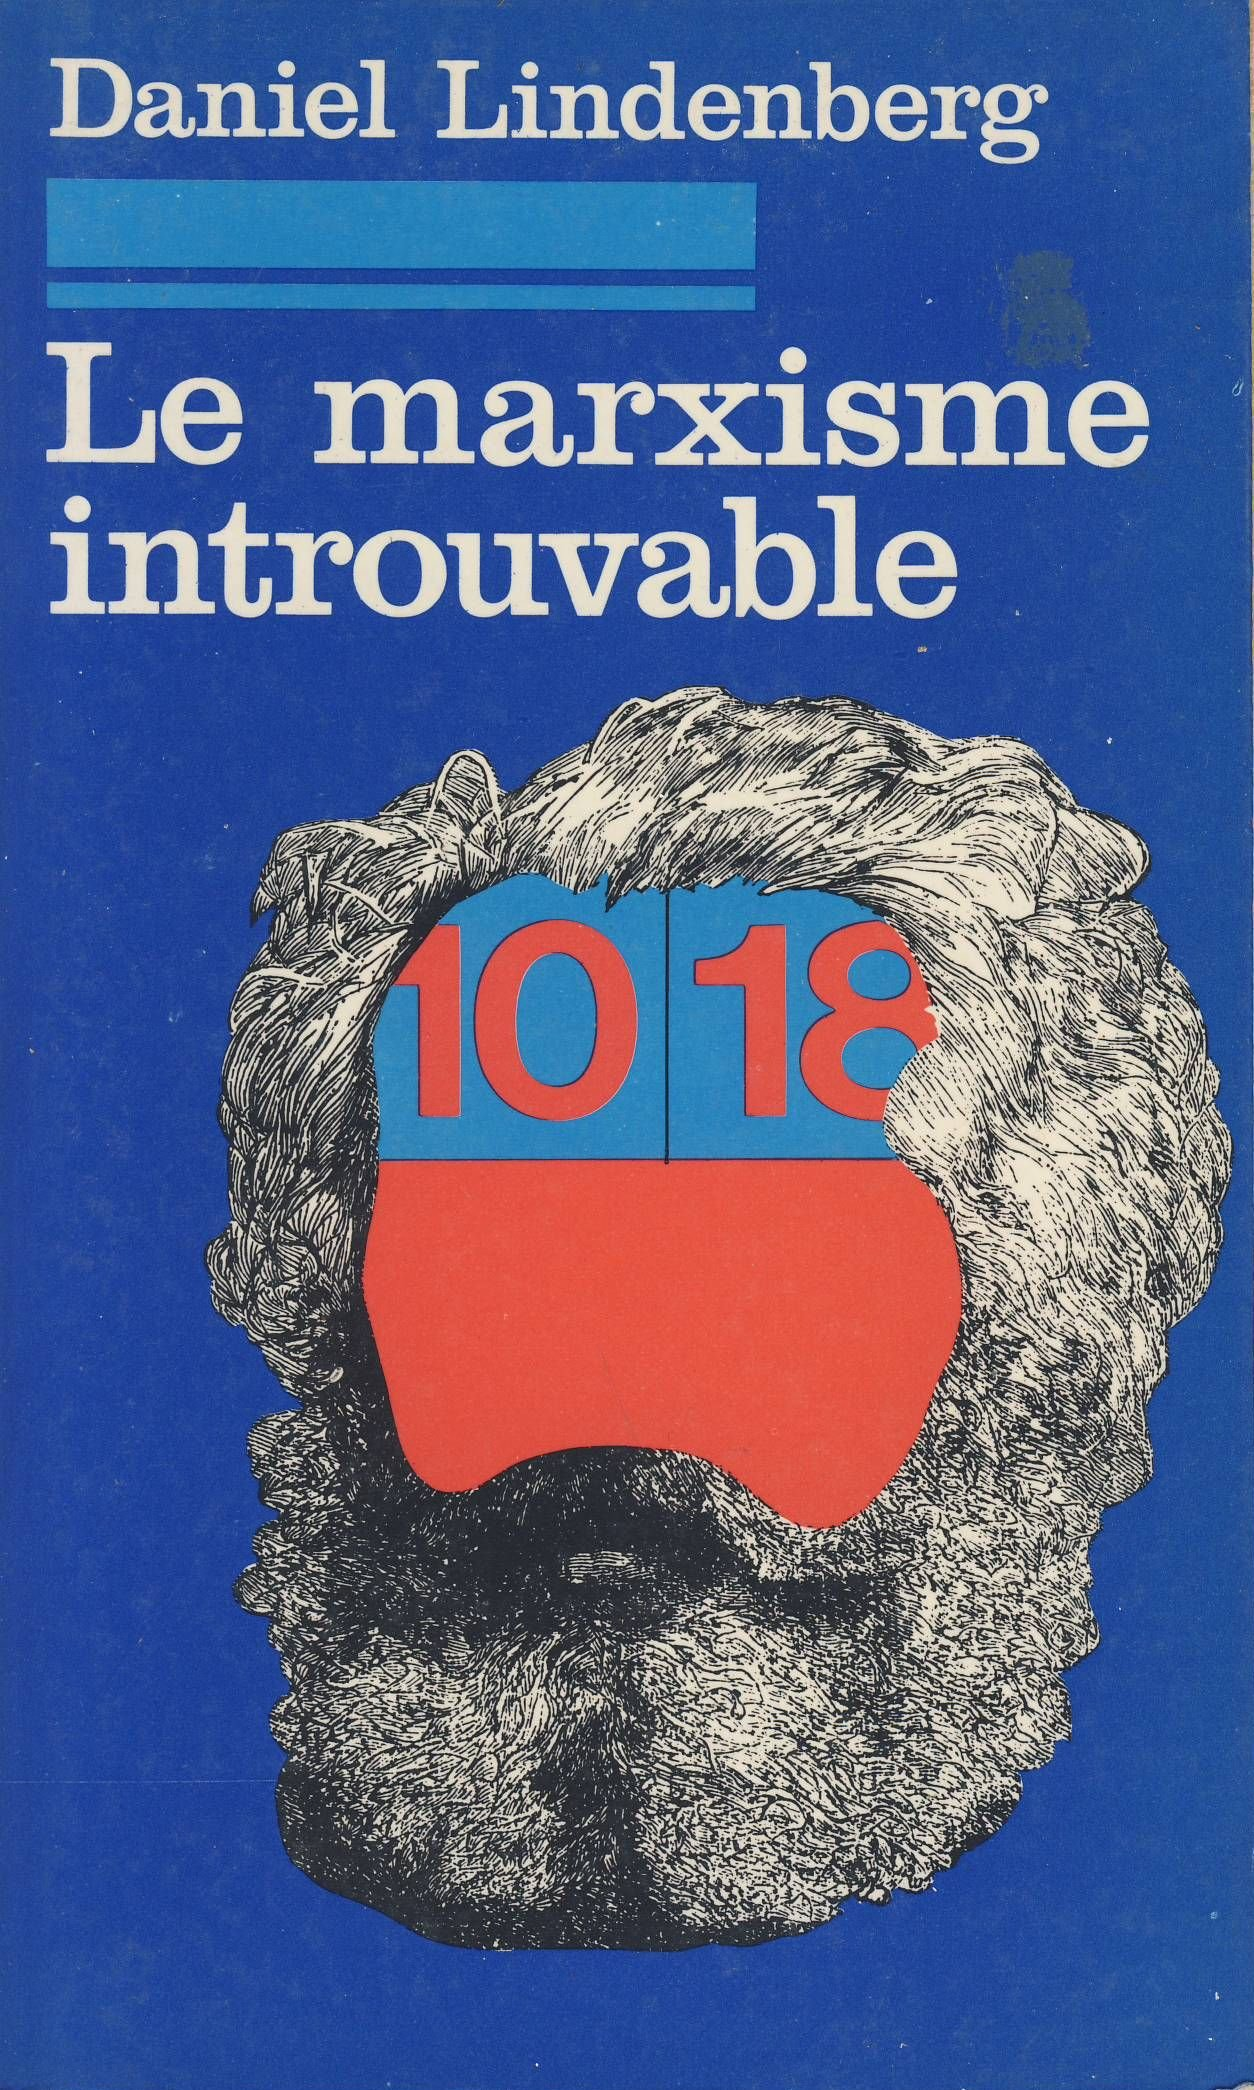 """Artykuł powstał między innymi w oparciu o książkę Daniela Lindenberg,a pod tytułem """"Le marxisme introuvable""""."""